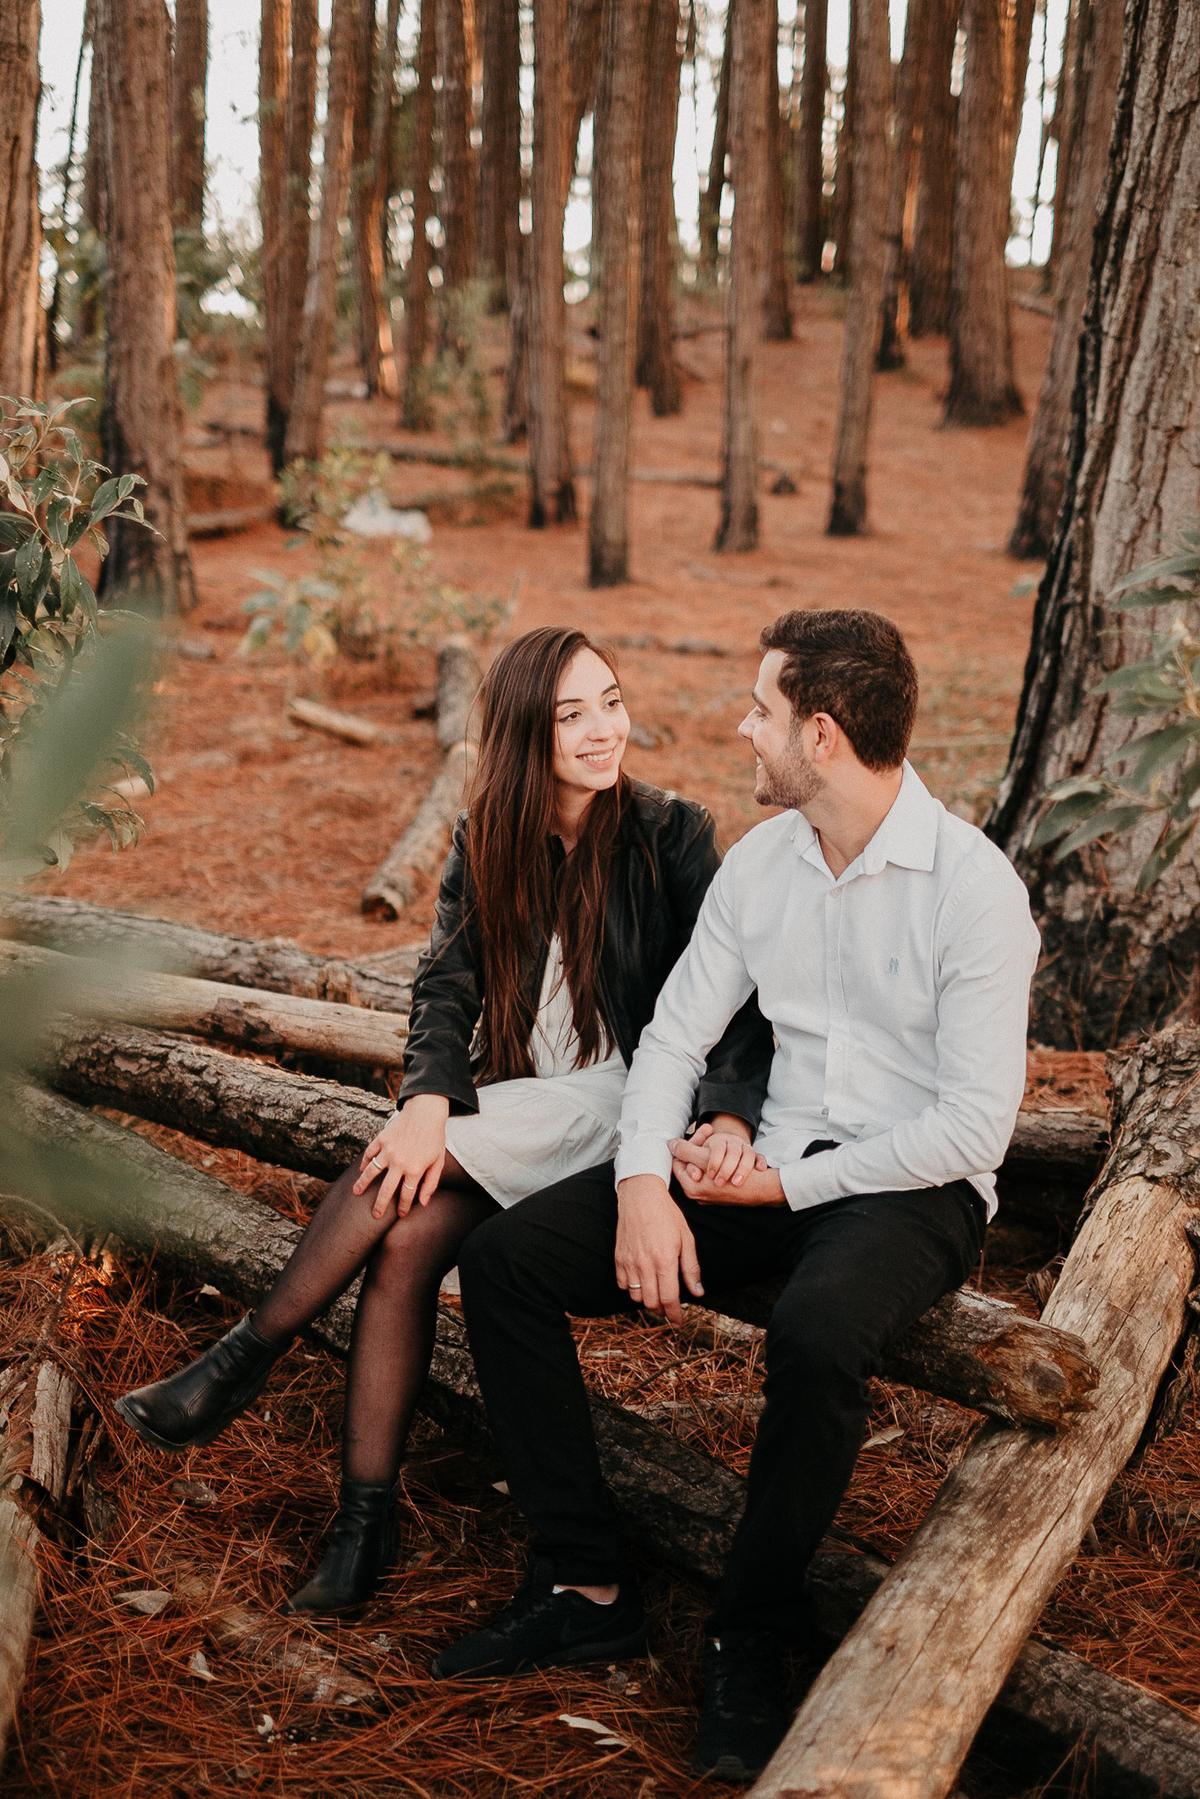 ensaio casal na floresta pre wedding em campos do jordao casamentos de dia ideias de ensaio casal pre casamento